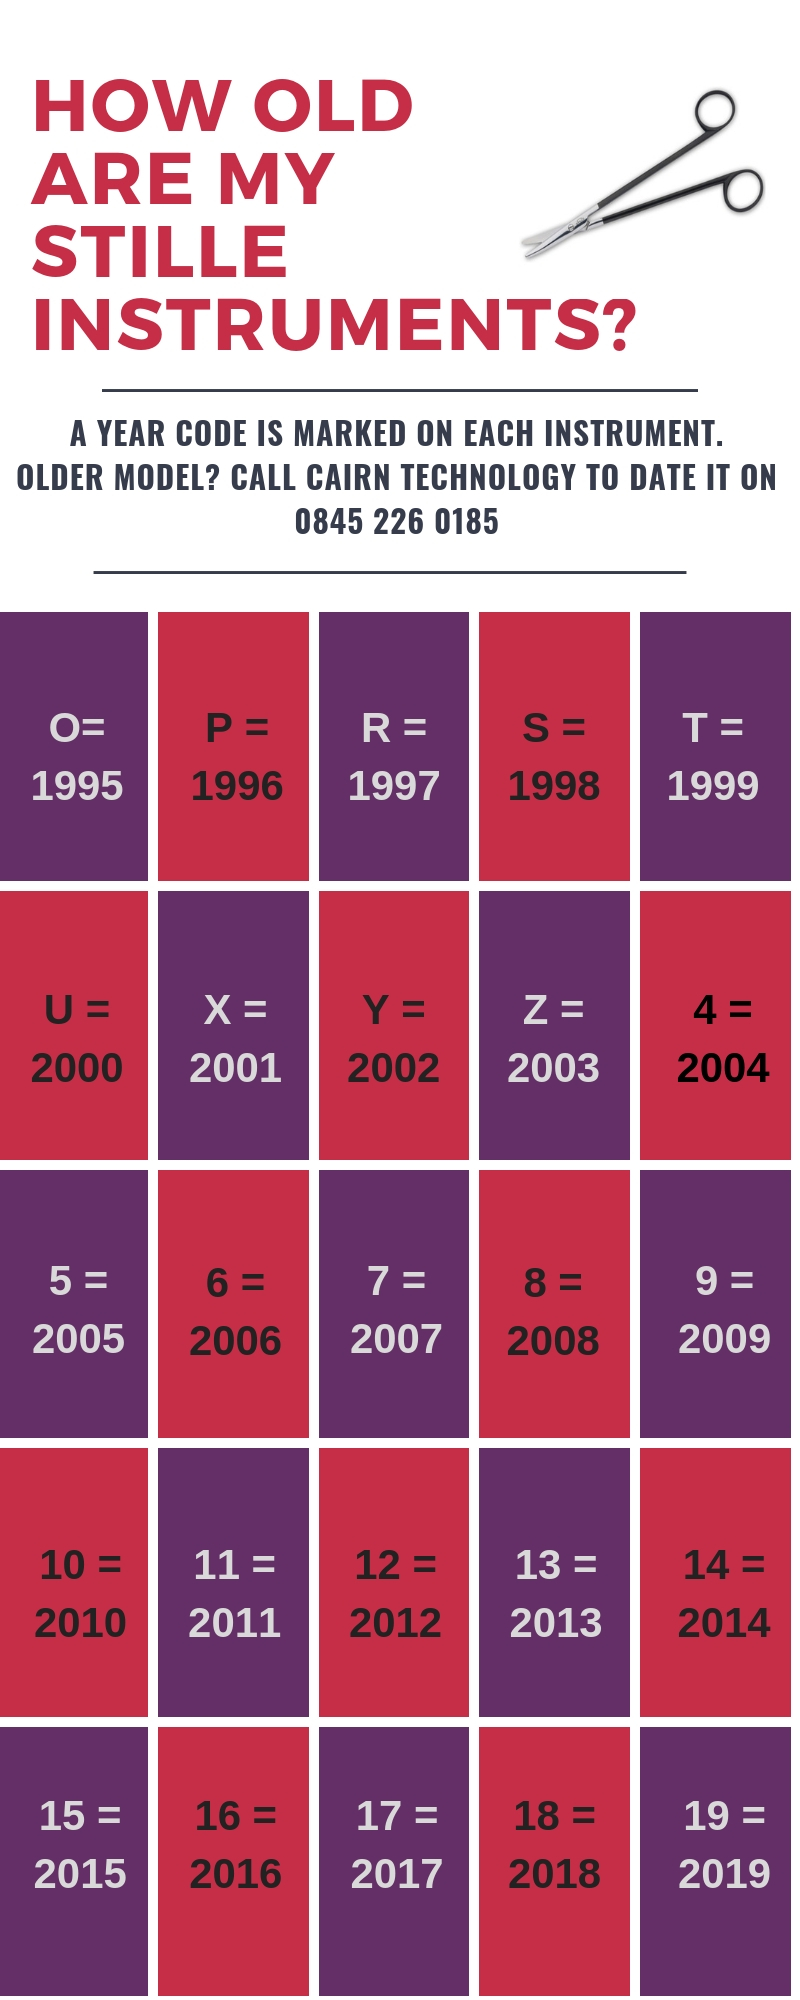 Stille instrument year date infographic.jpg